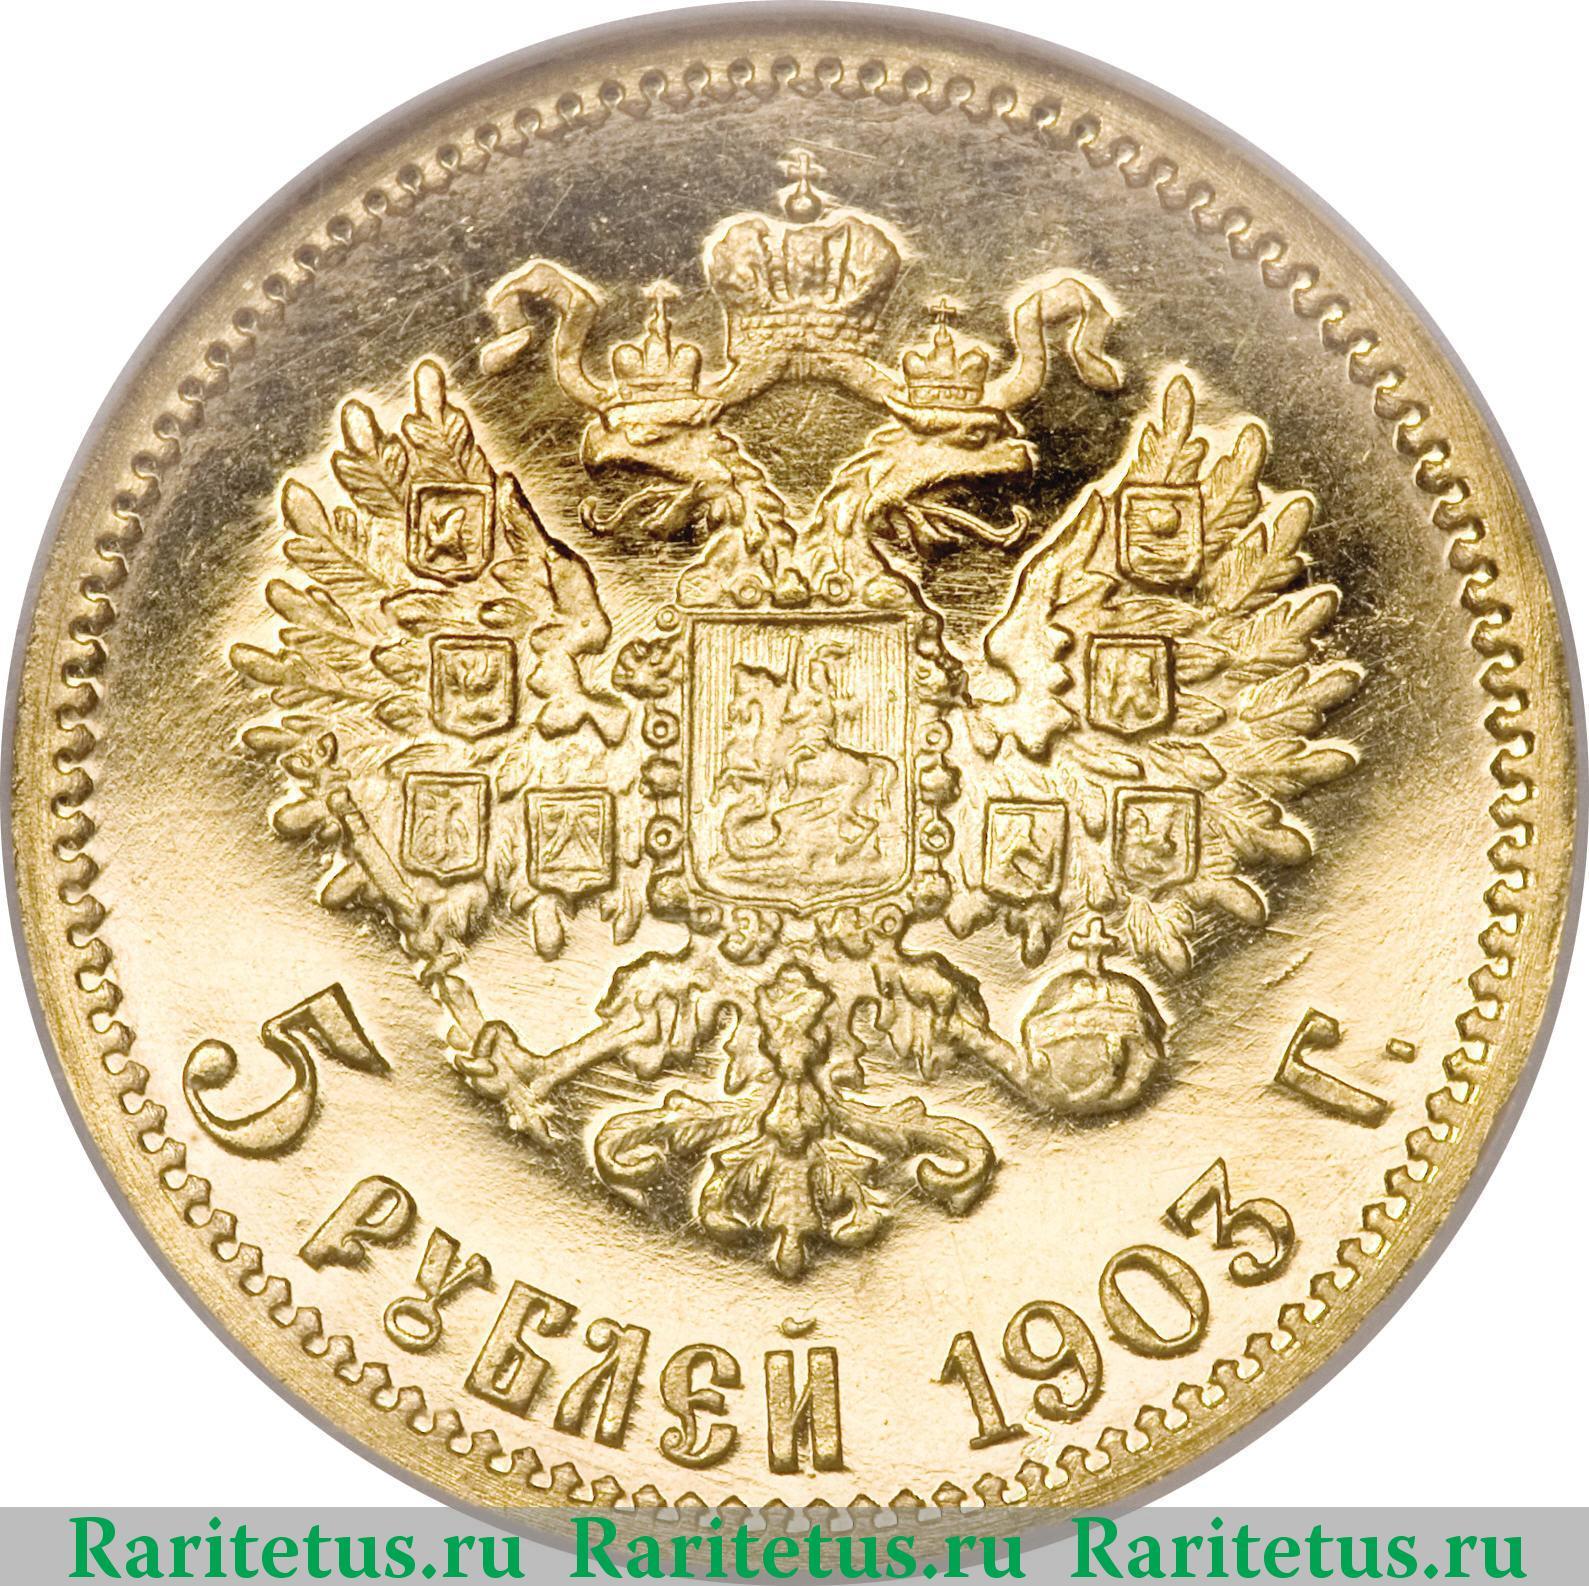 Сторона монеты 6 букв 25 центов сша 1999 года цена georgian